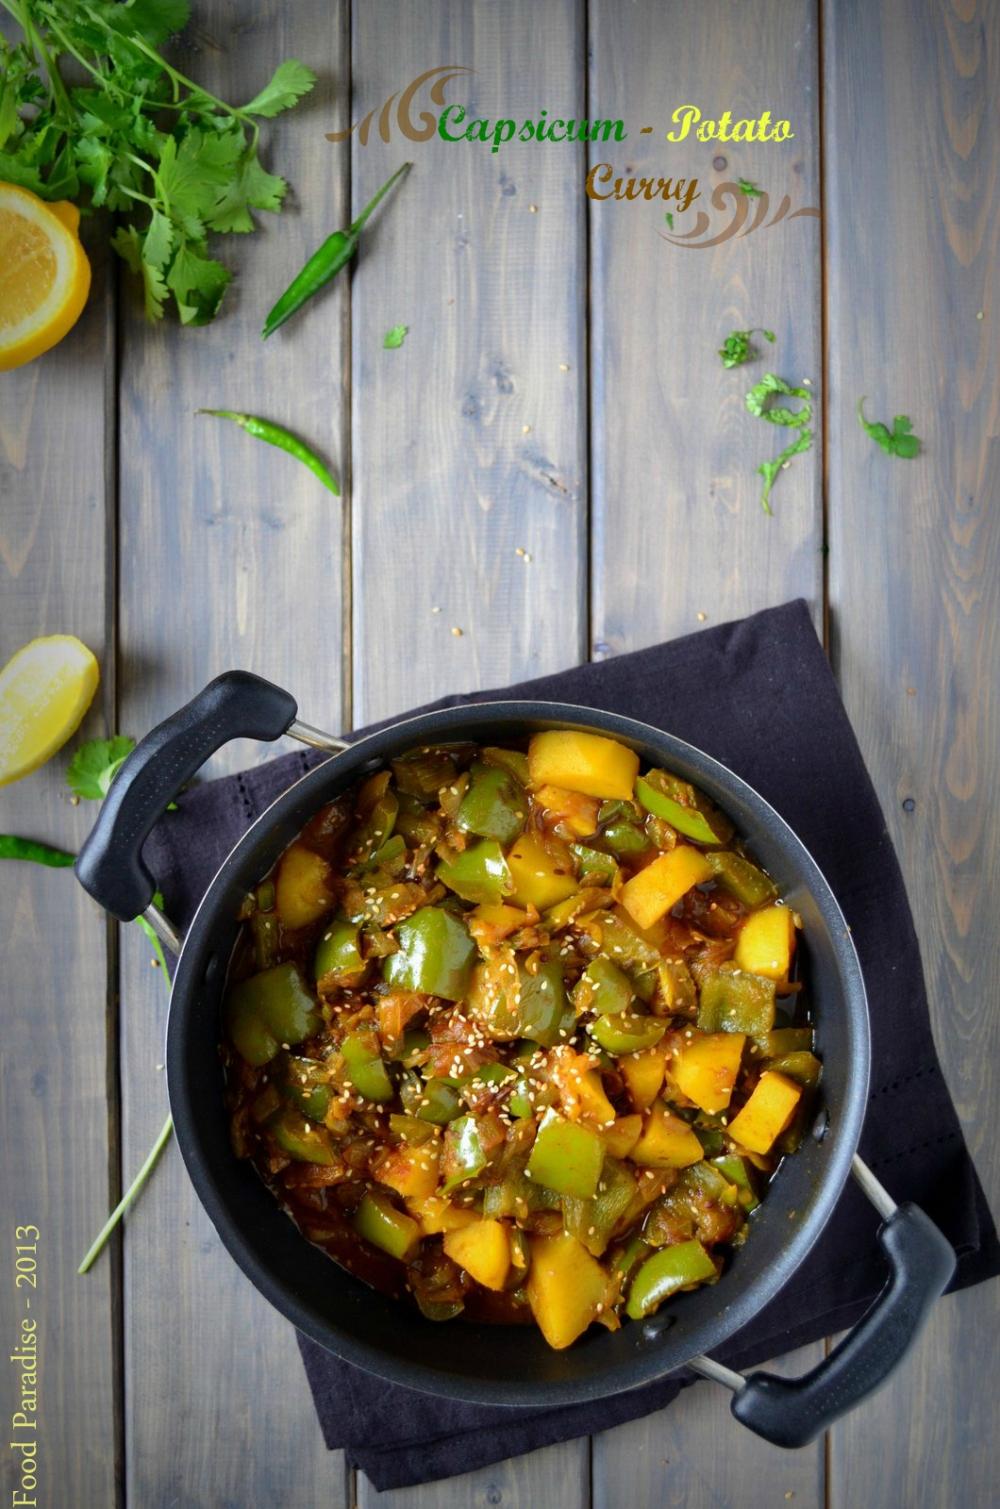 Capsicum & Potato Curry